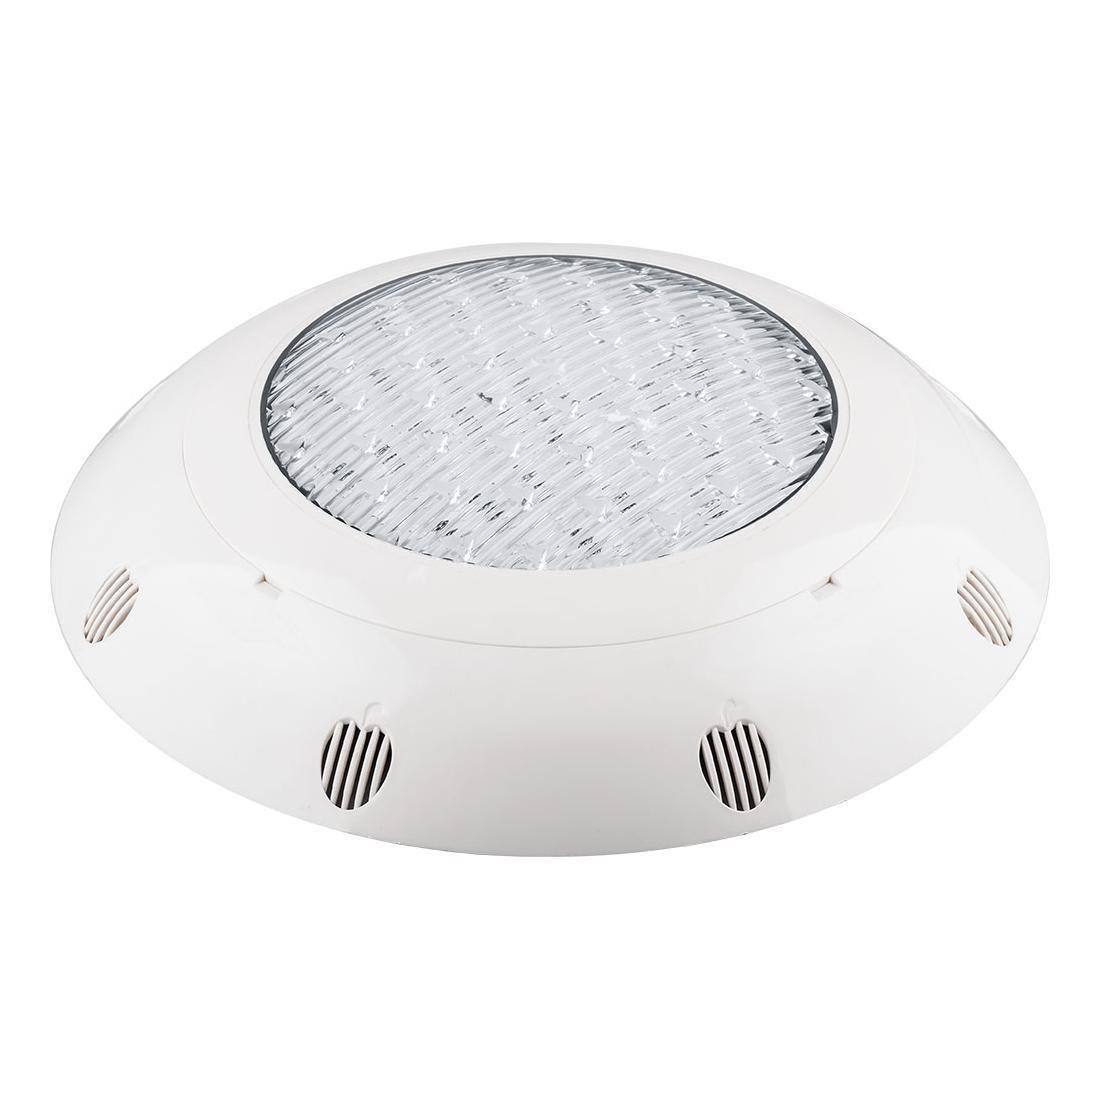 Уличный светильник Feron 32172, LED